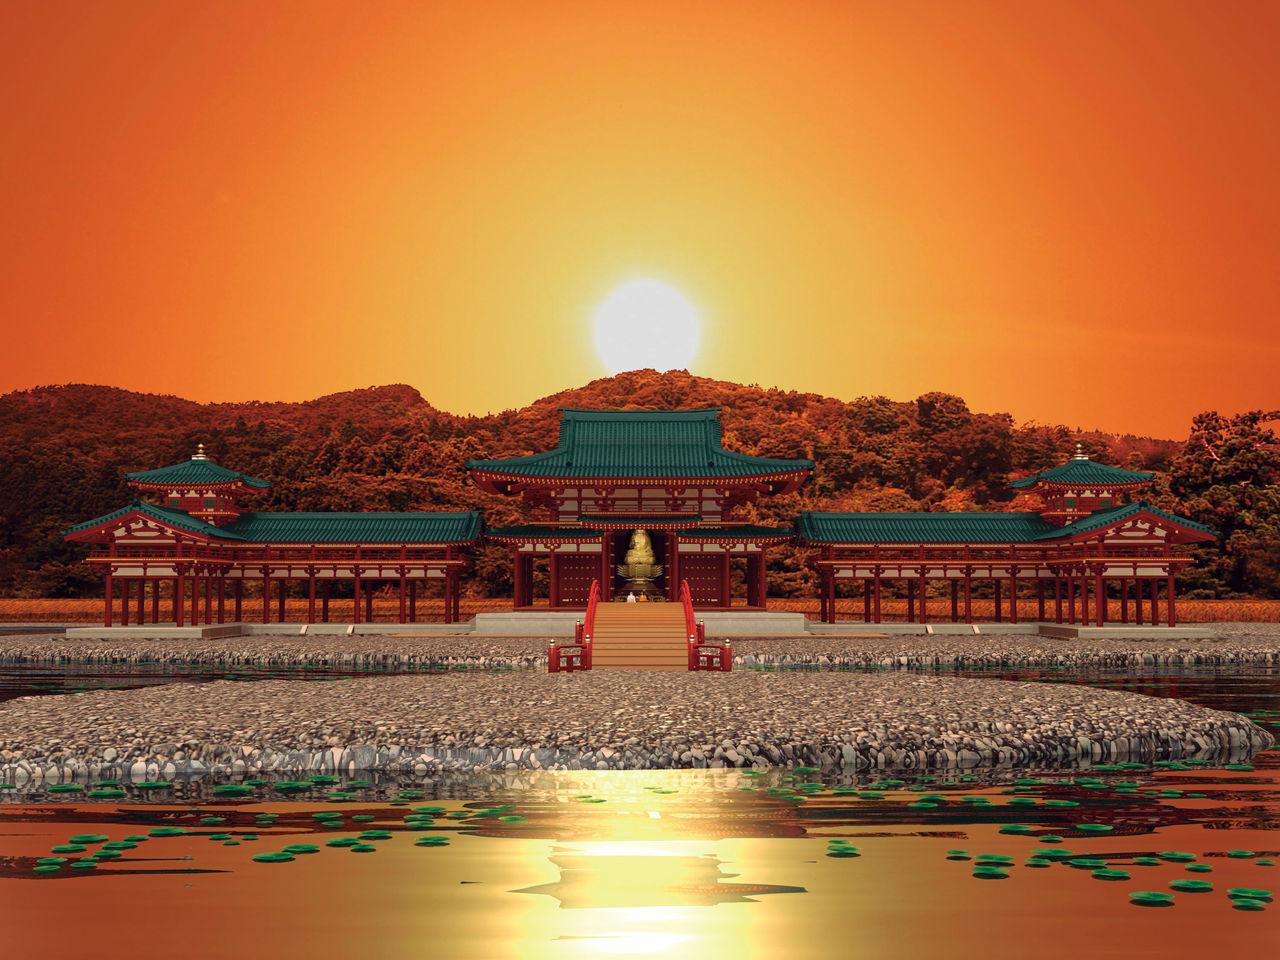 Ежегодно во время весеннего и осеннего равноденствия солнце садилось на одной линии с центром главного зала Мурёкоин и вершиной горы Кинкэй(компьютерная графика © Департамент образования города Хираидзуми)